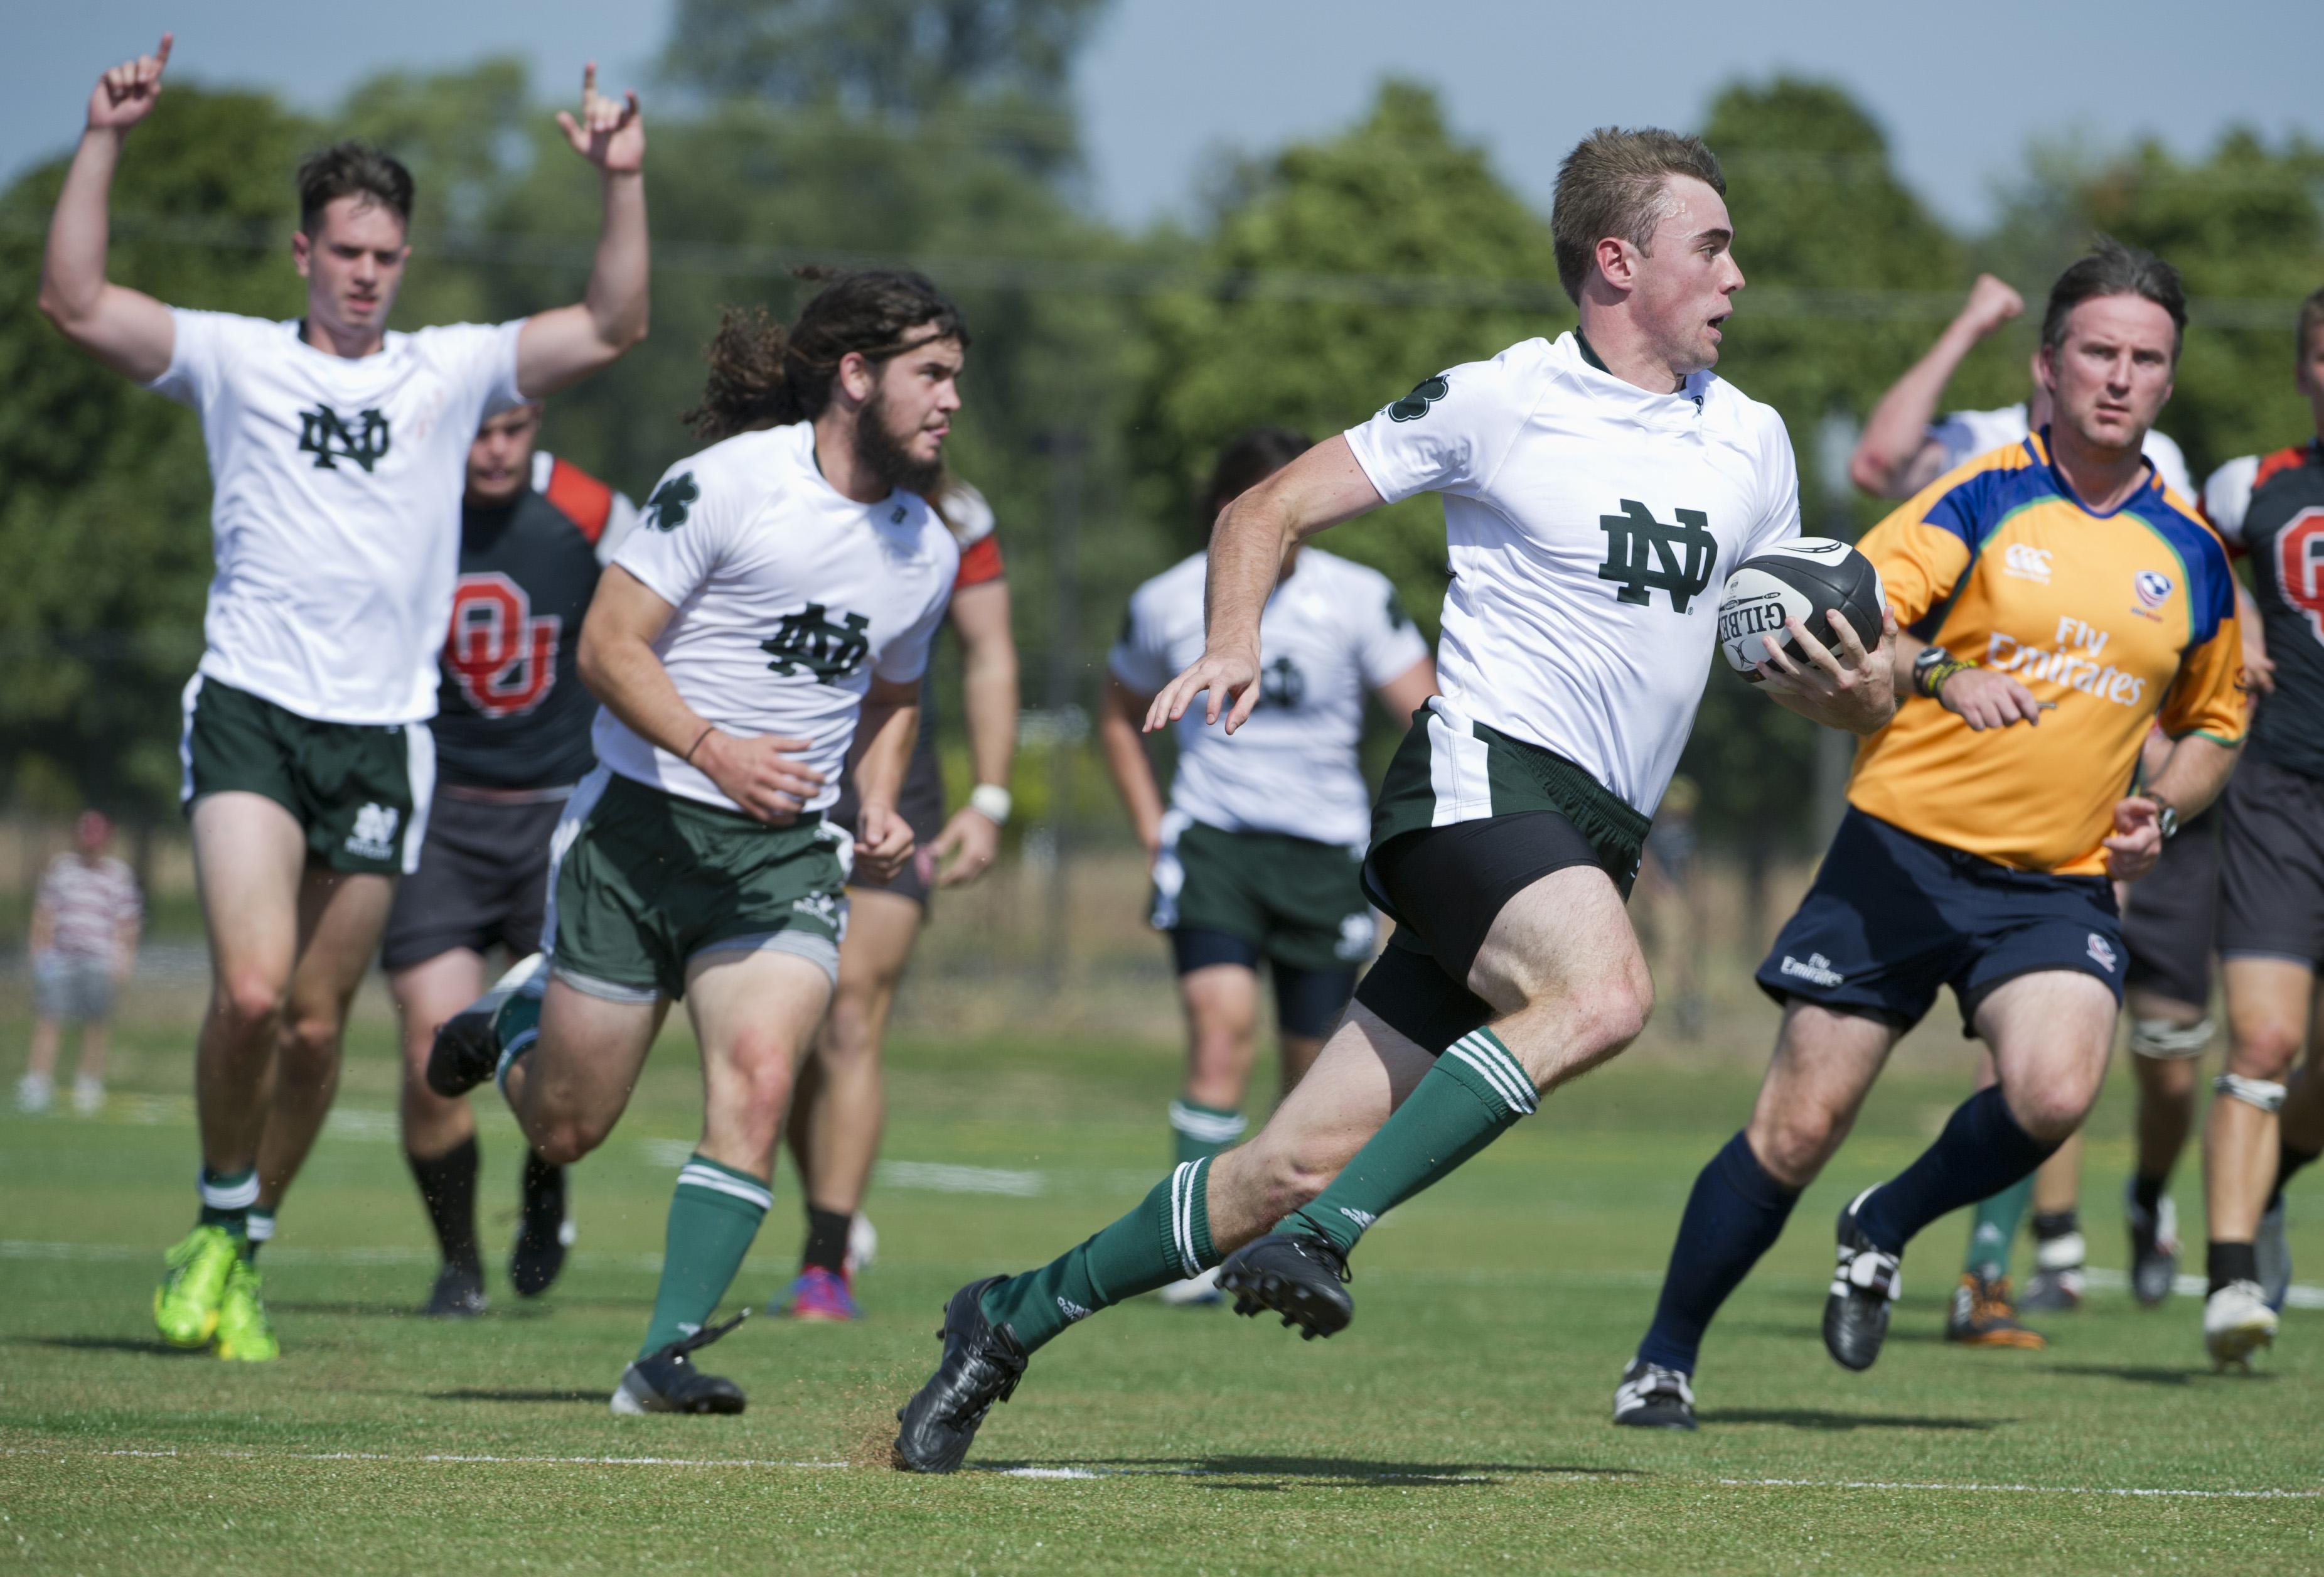 9.28.13 stinson rugby field dedication 921